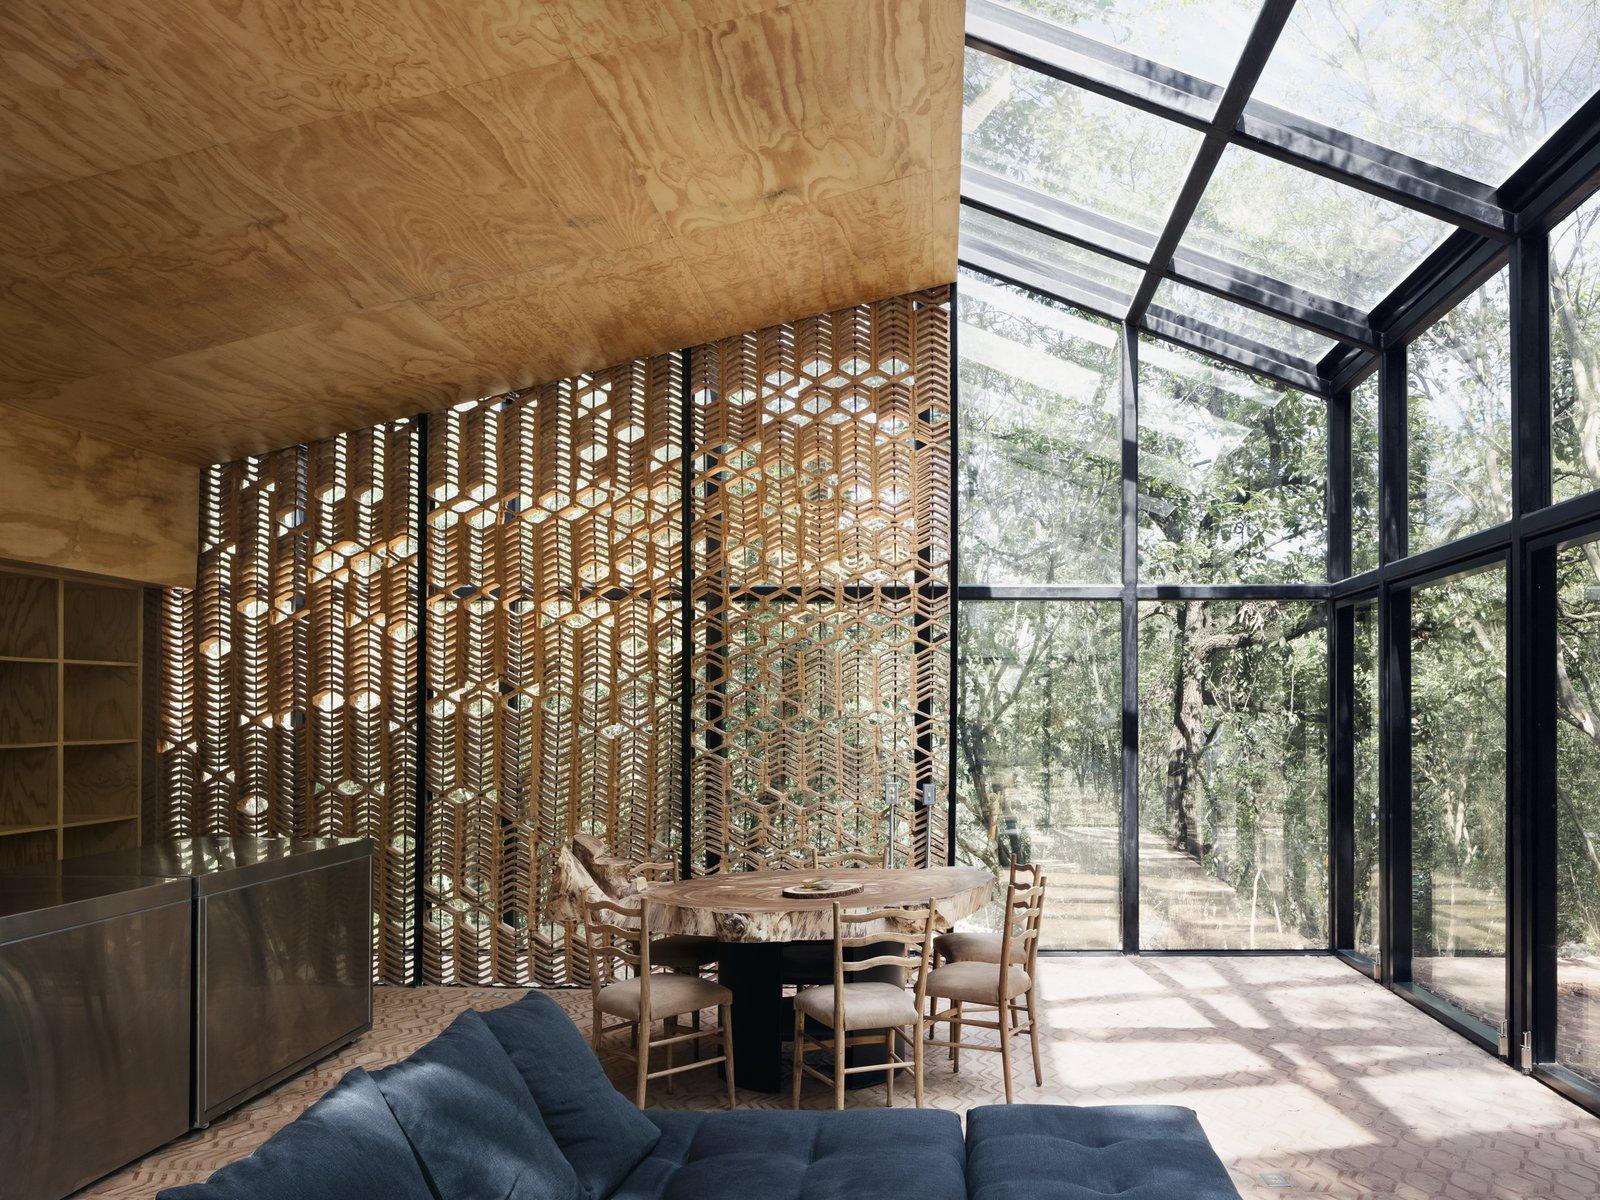 Los Terrenos dining area with wood facade wall